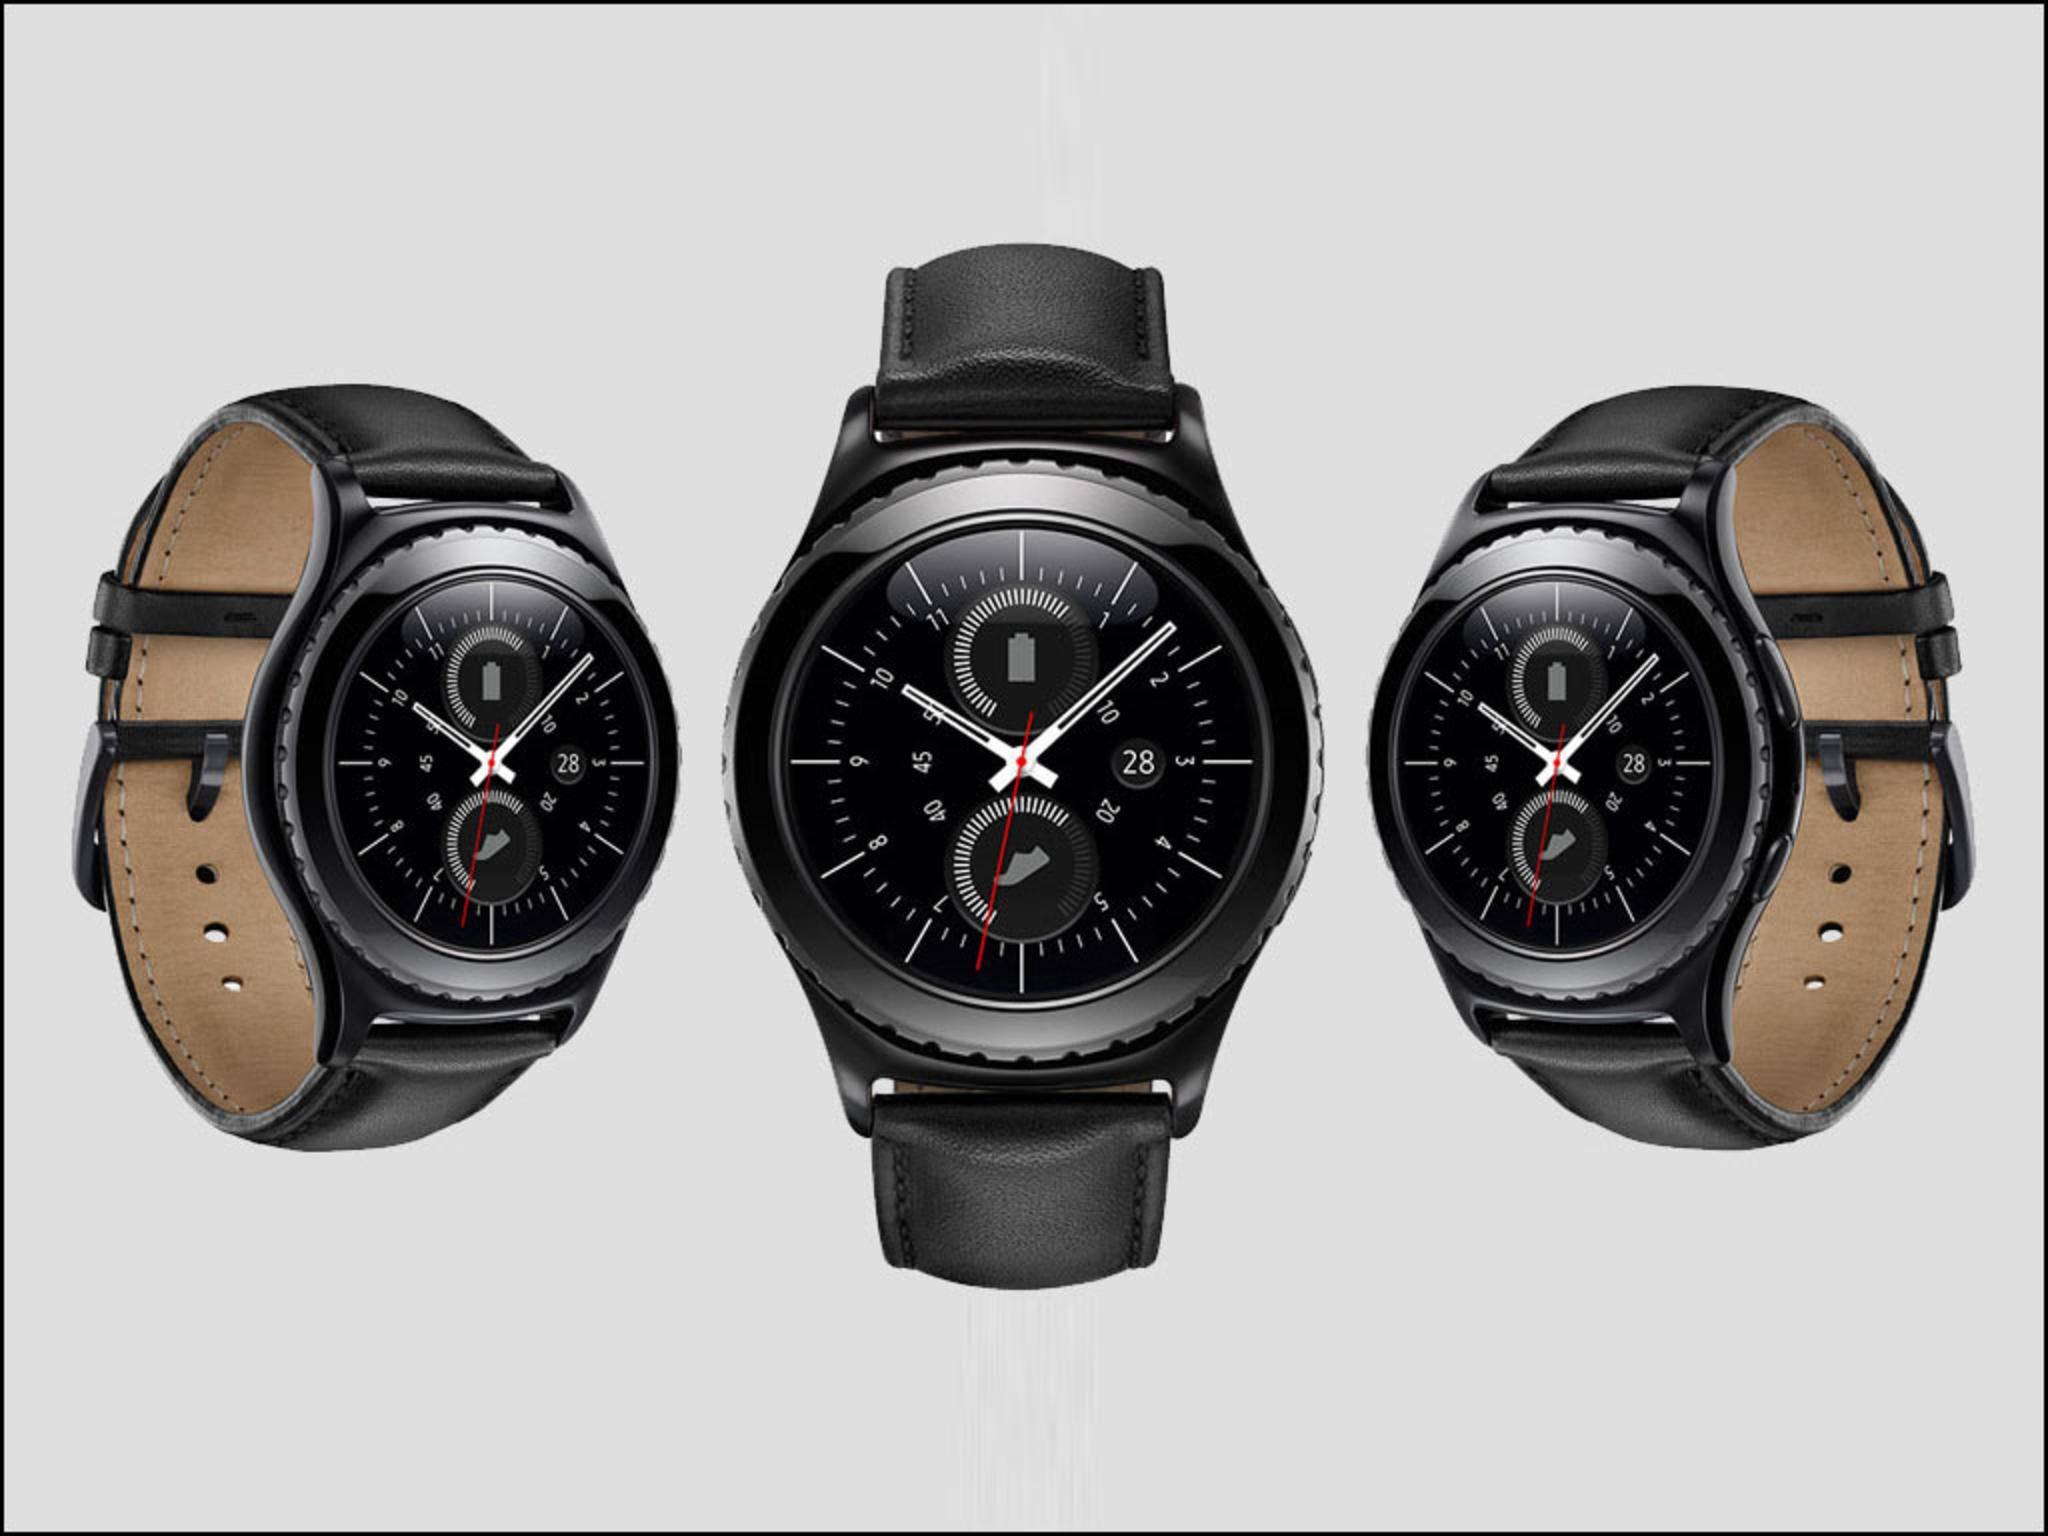 Die Samsung Gear S2 classic 3G ist die erste Smartwatch mit eSIM.